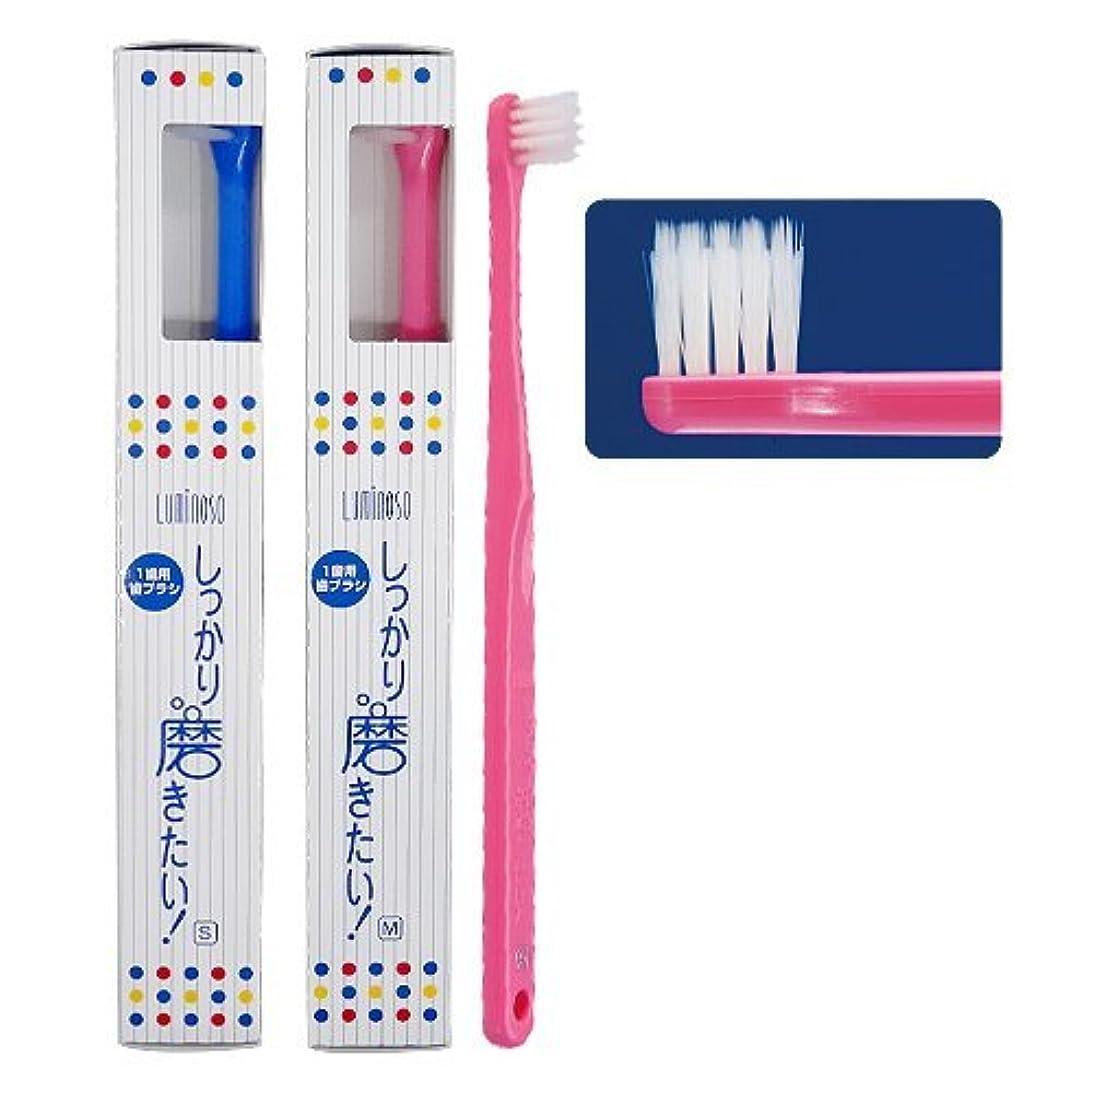 想定ペネロペ子豚ルミノソ 1歯用歯ブラシ「しっかり磨きたい!」スタンダード ミディアム (カラー指定不可) 3本